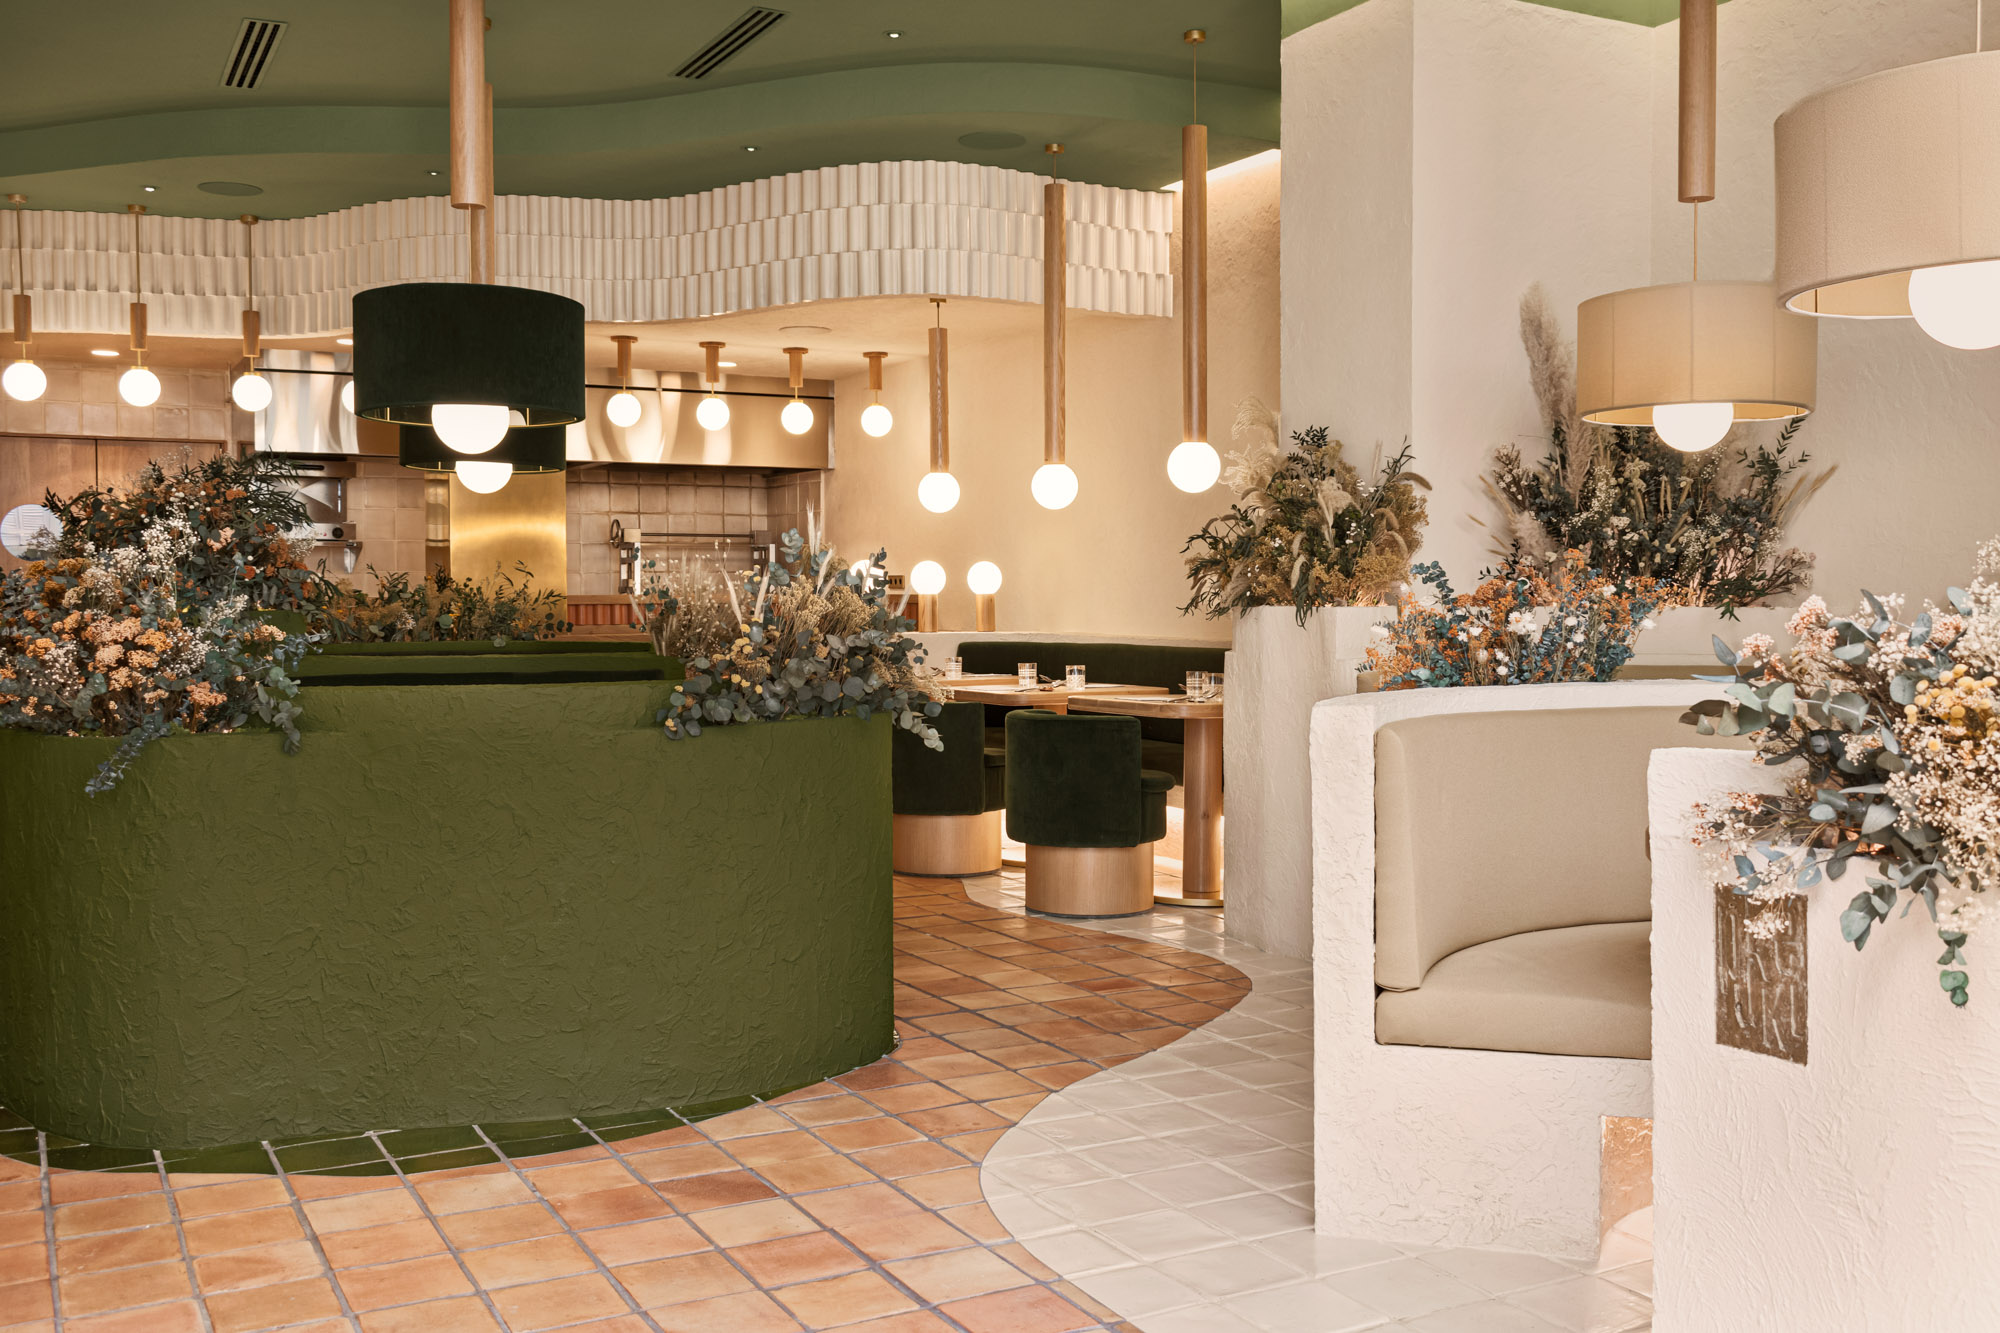 Interiorismo lujuoso: 18 firmas de Diseño de interiores en Valencia interiorismo lujuoso Interiorismo lujuoso: 19 firmas de Diseño de interiores en Valencia 210322 PUKKEL MASQUESPACIO 02